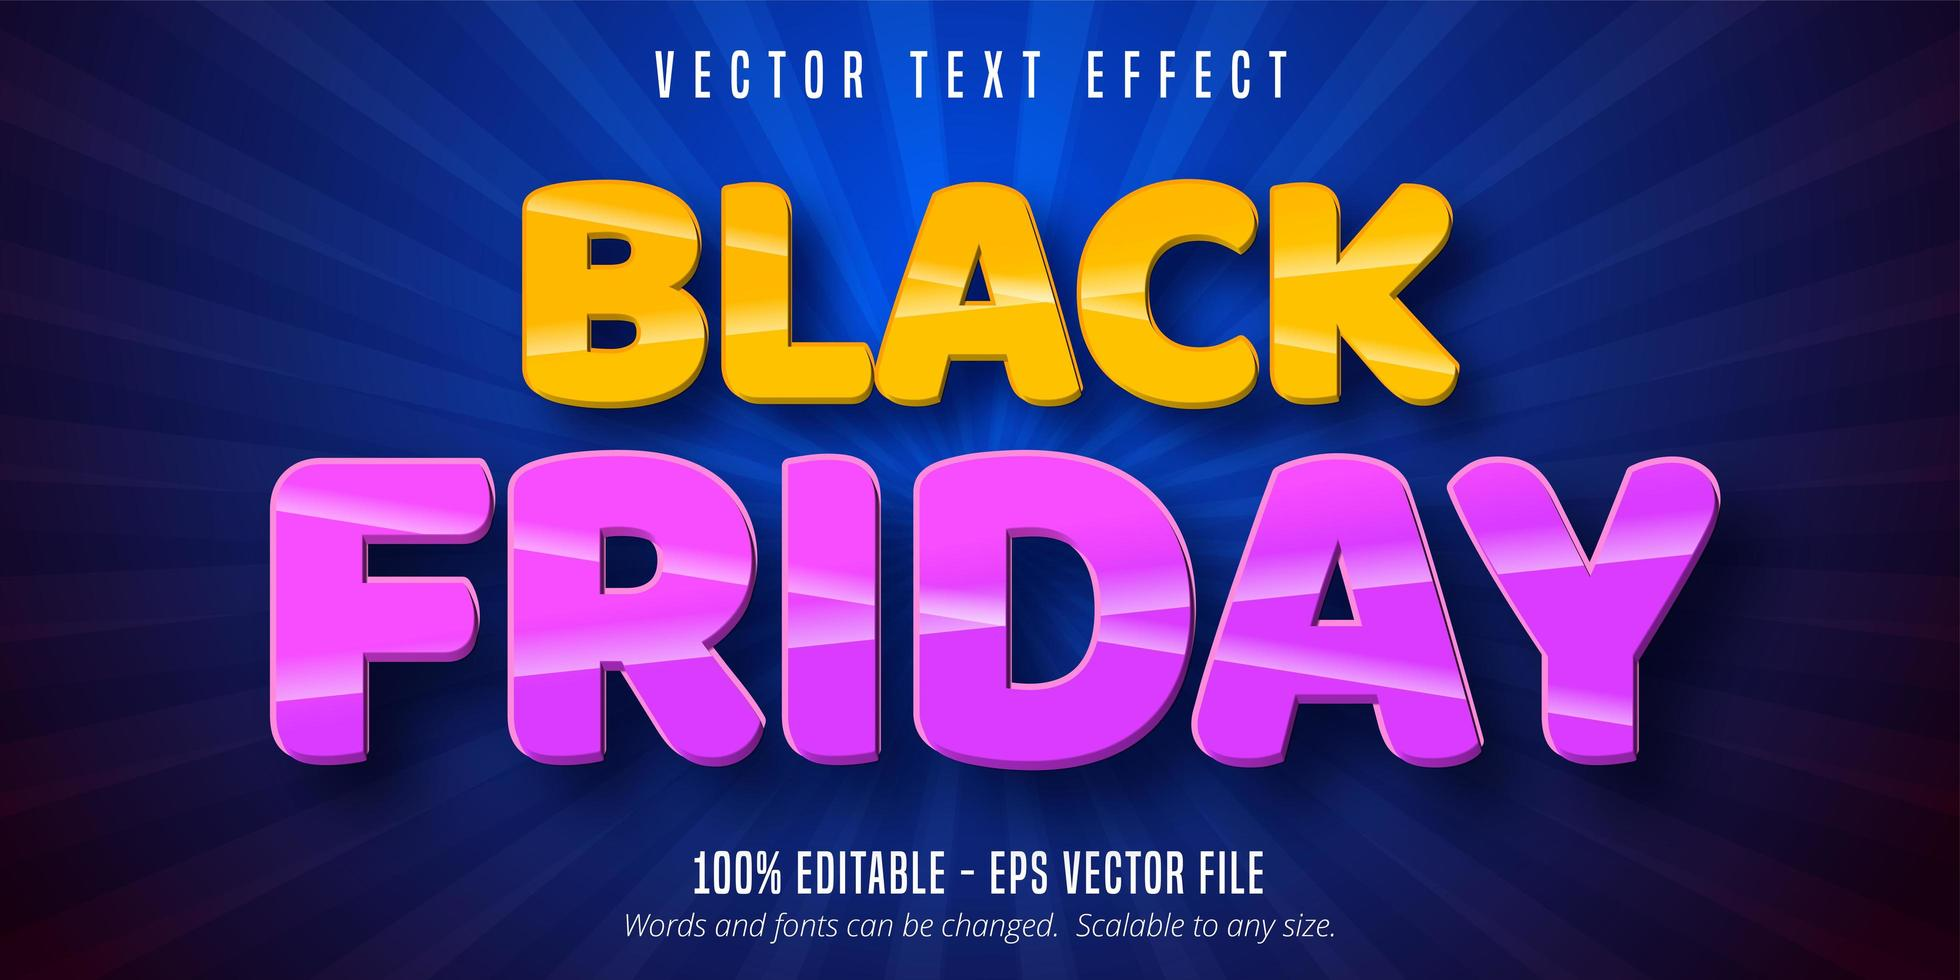 efeito de texto editável de sexta-feira preta em laranja e roxo vetor